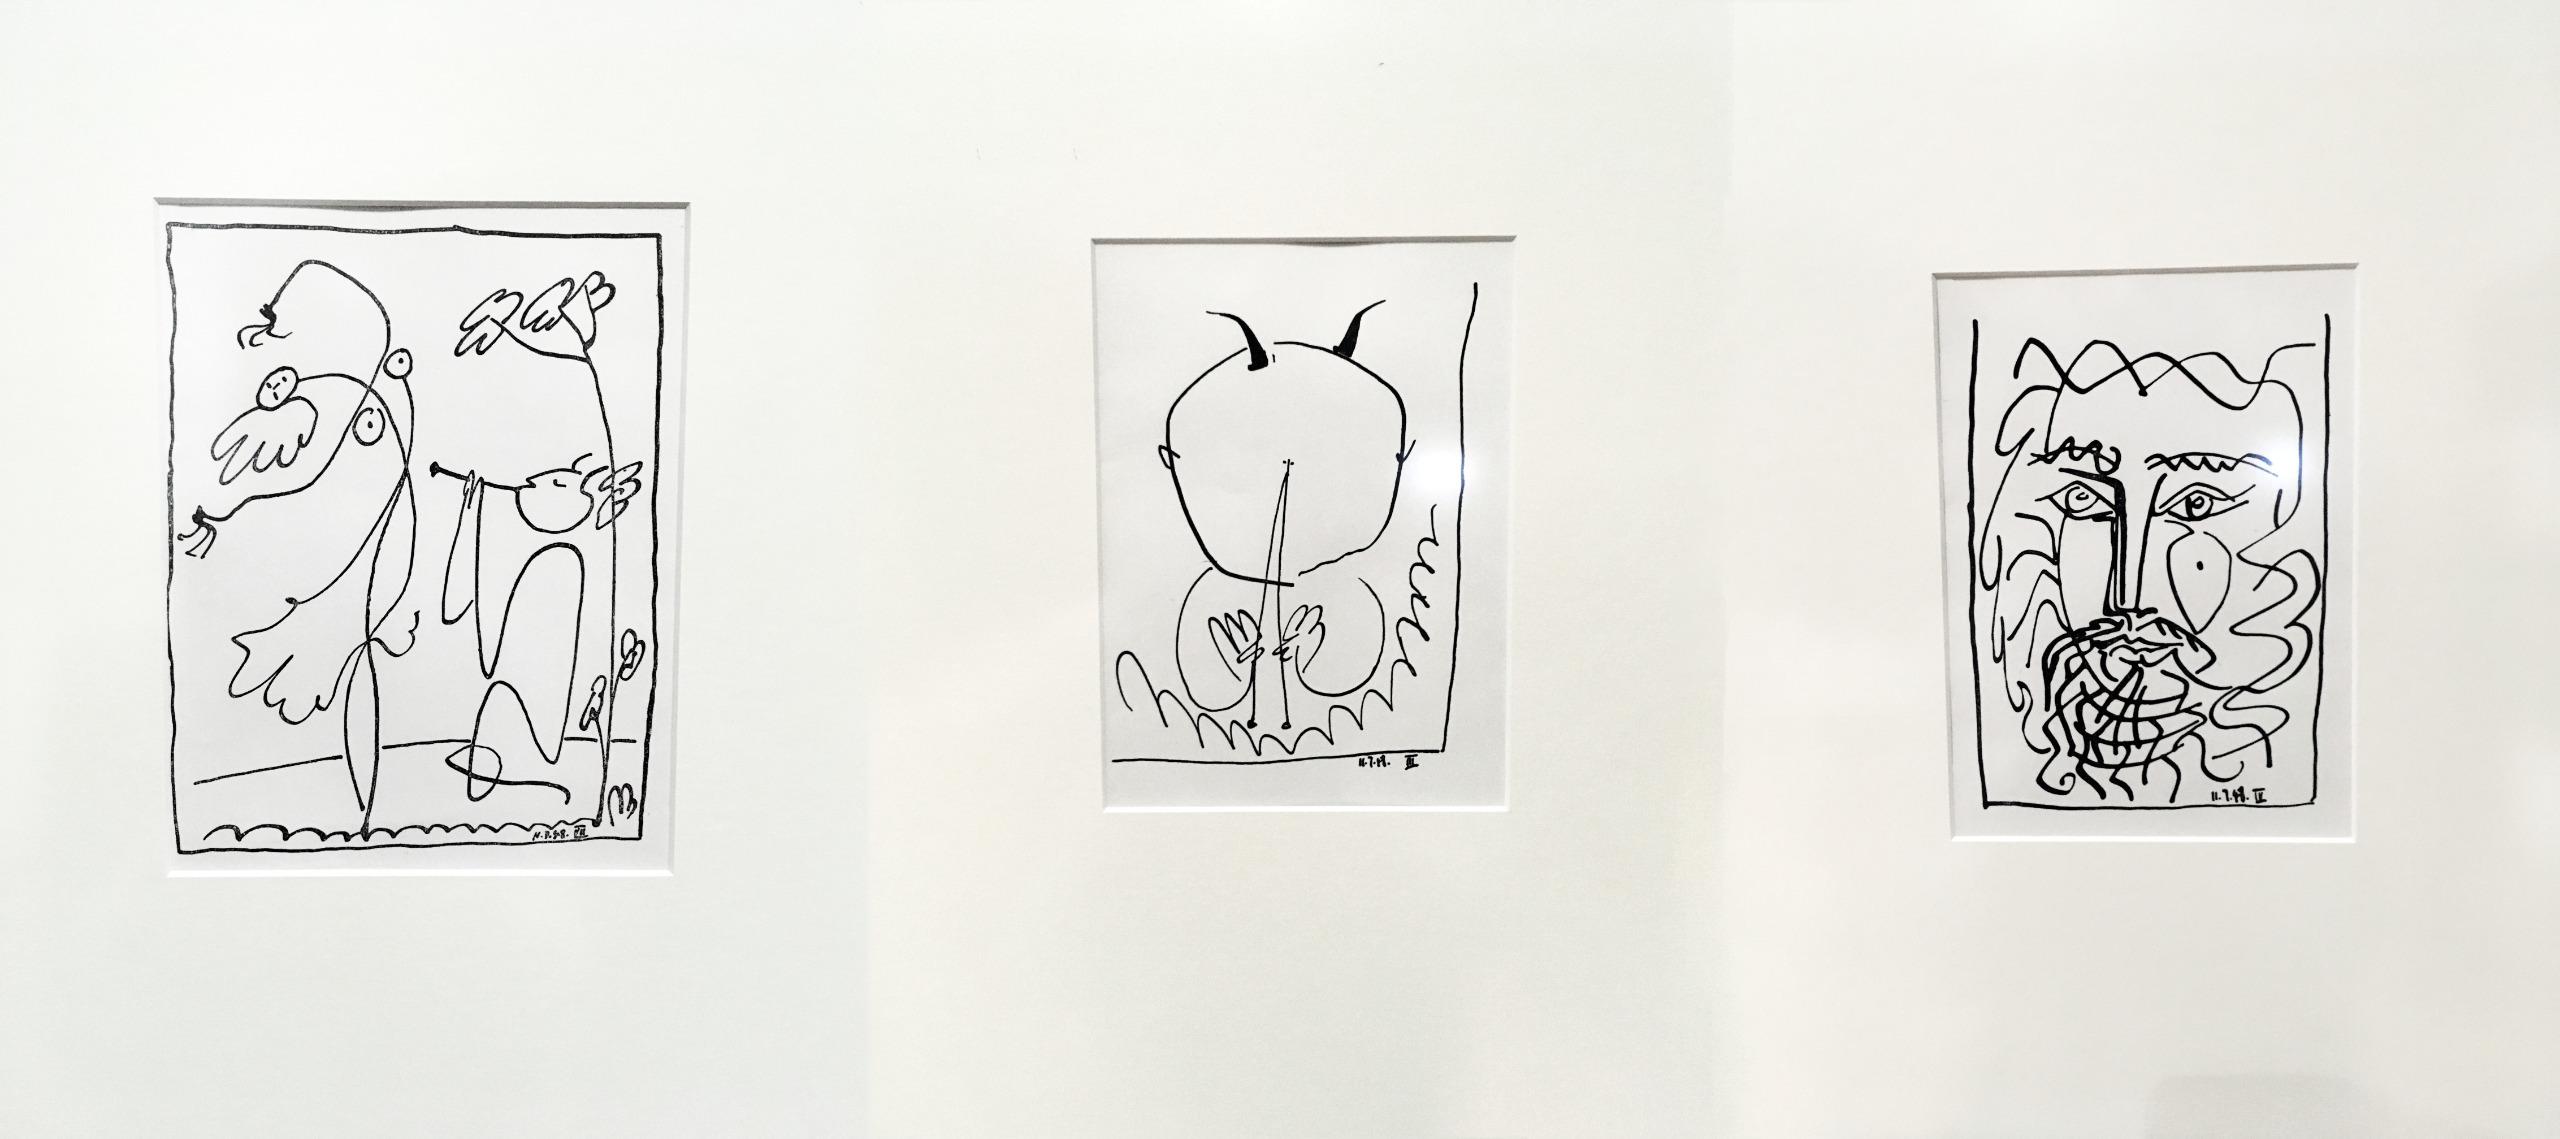 Zdjęcie przedstawia trzy rysunki znanego artysty Pabla Picassa. Rysunki mają charakter abstrakcyjny.